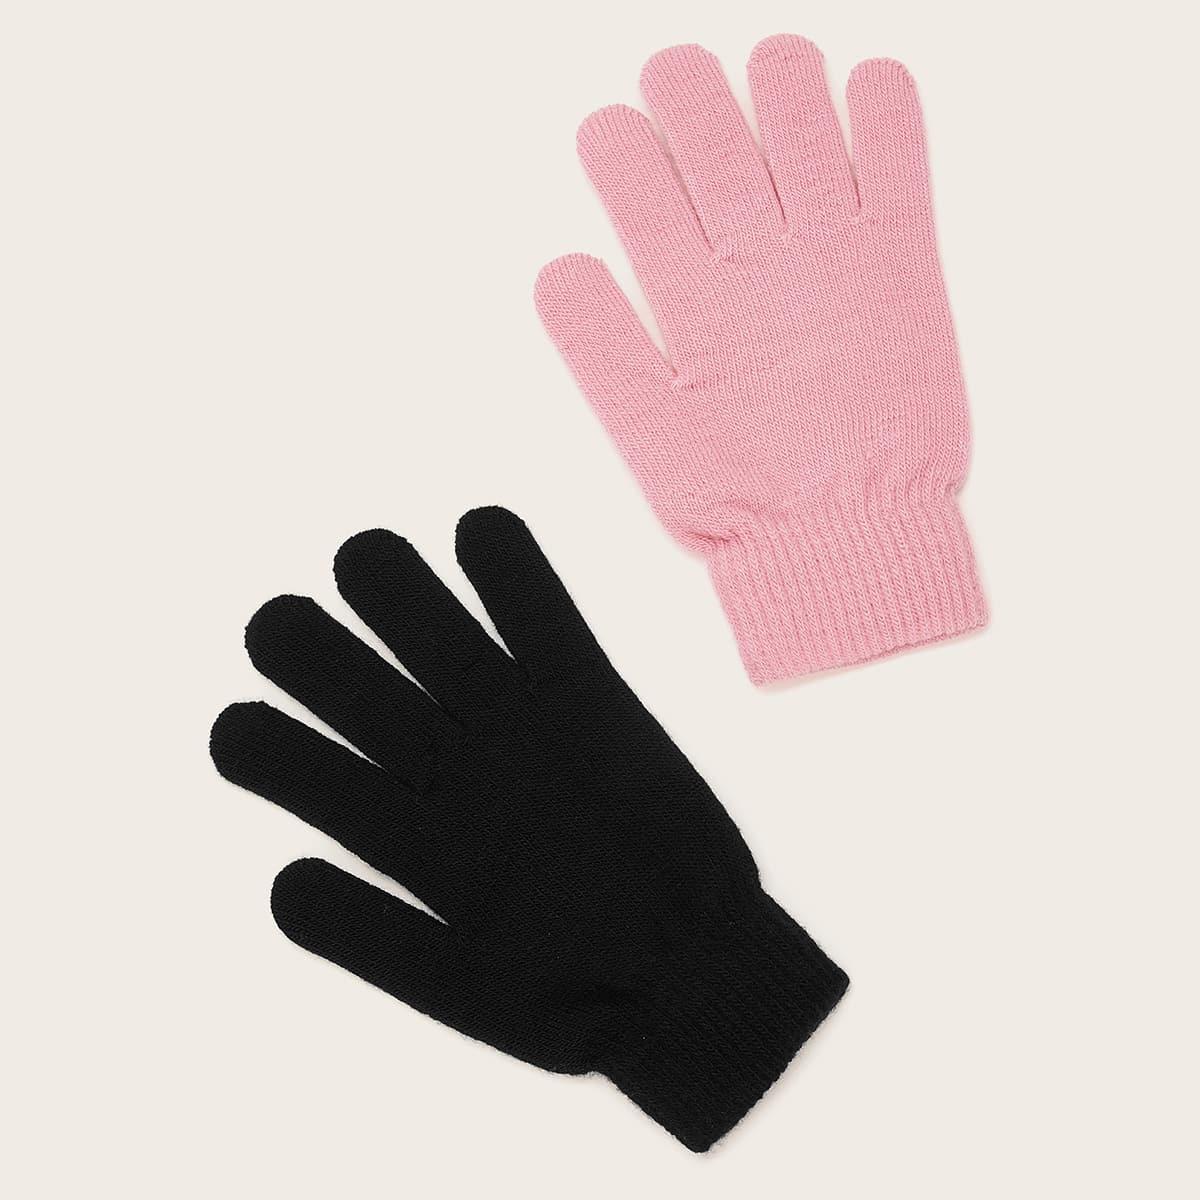 Однотонные вязаные перчатки 2 пары